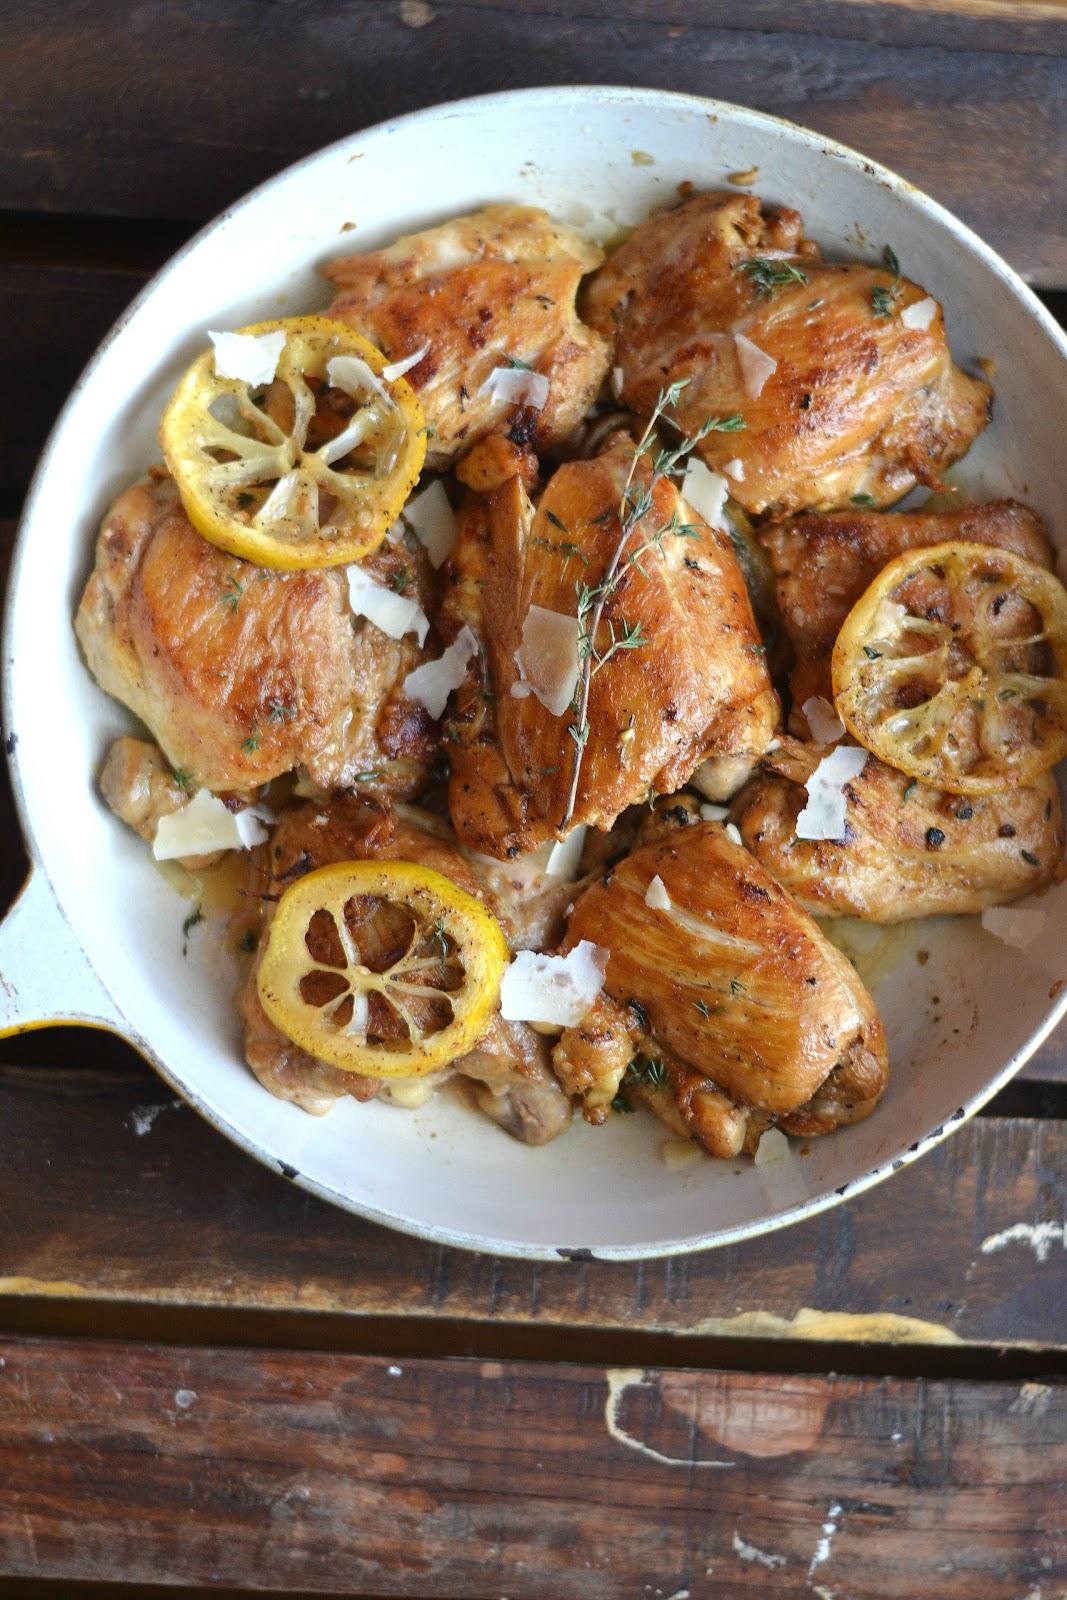 Lemon Garlic Skillet Chicken